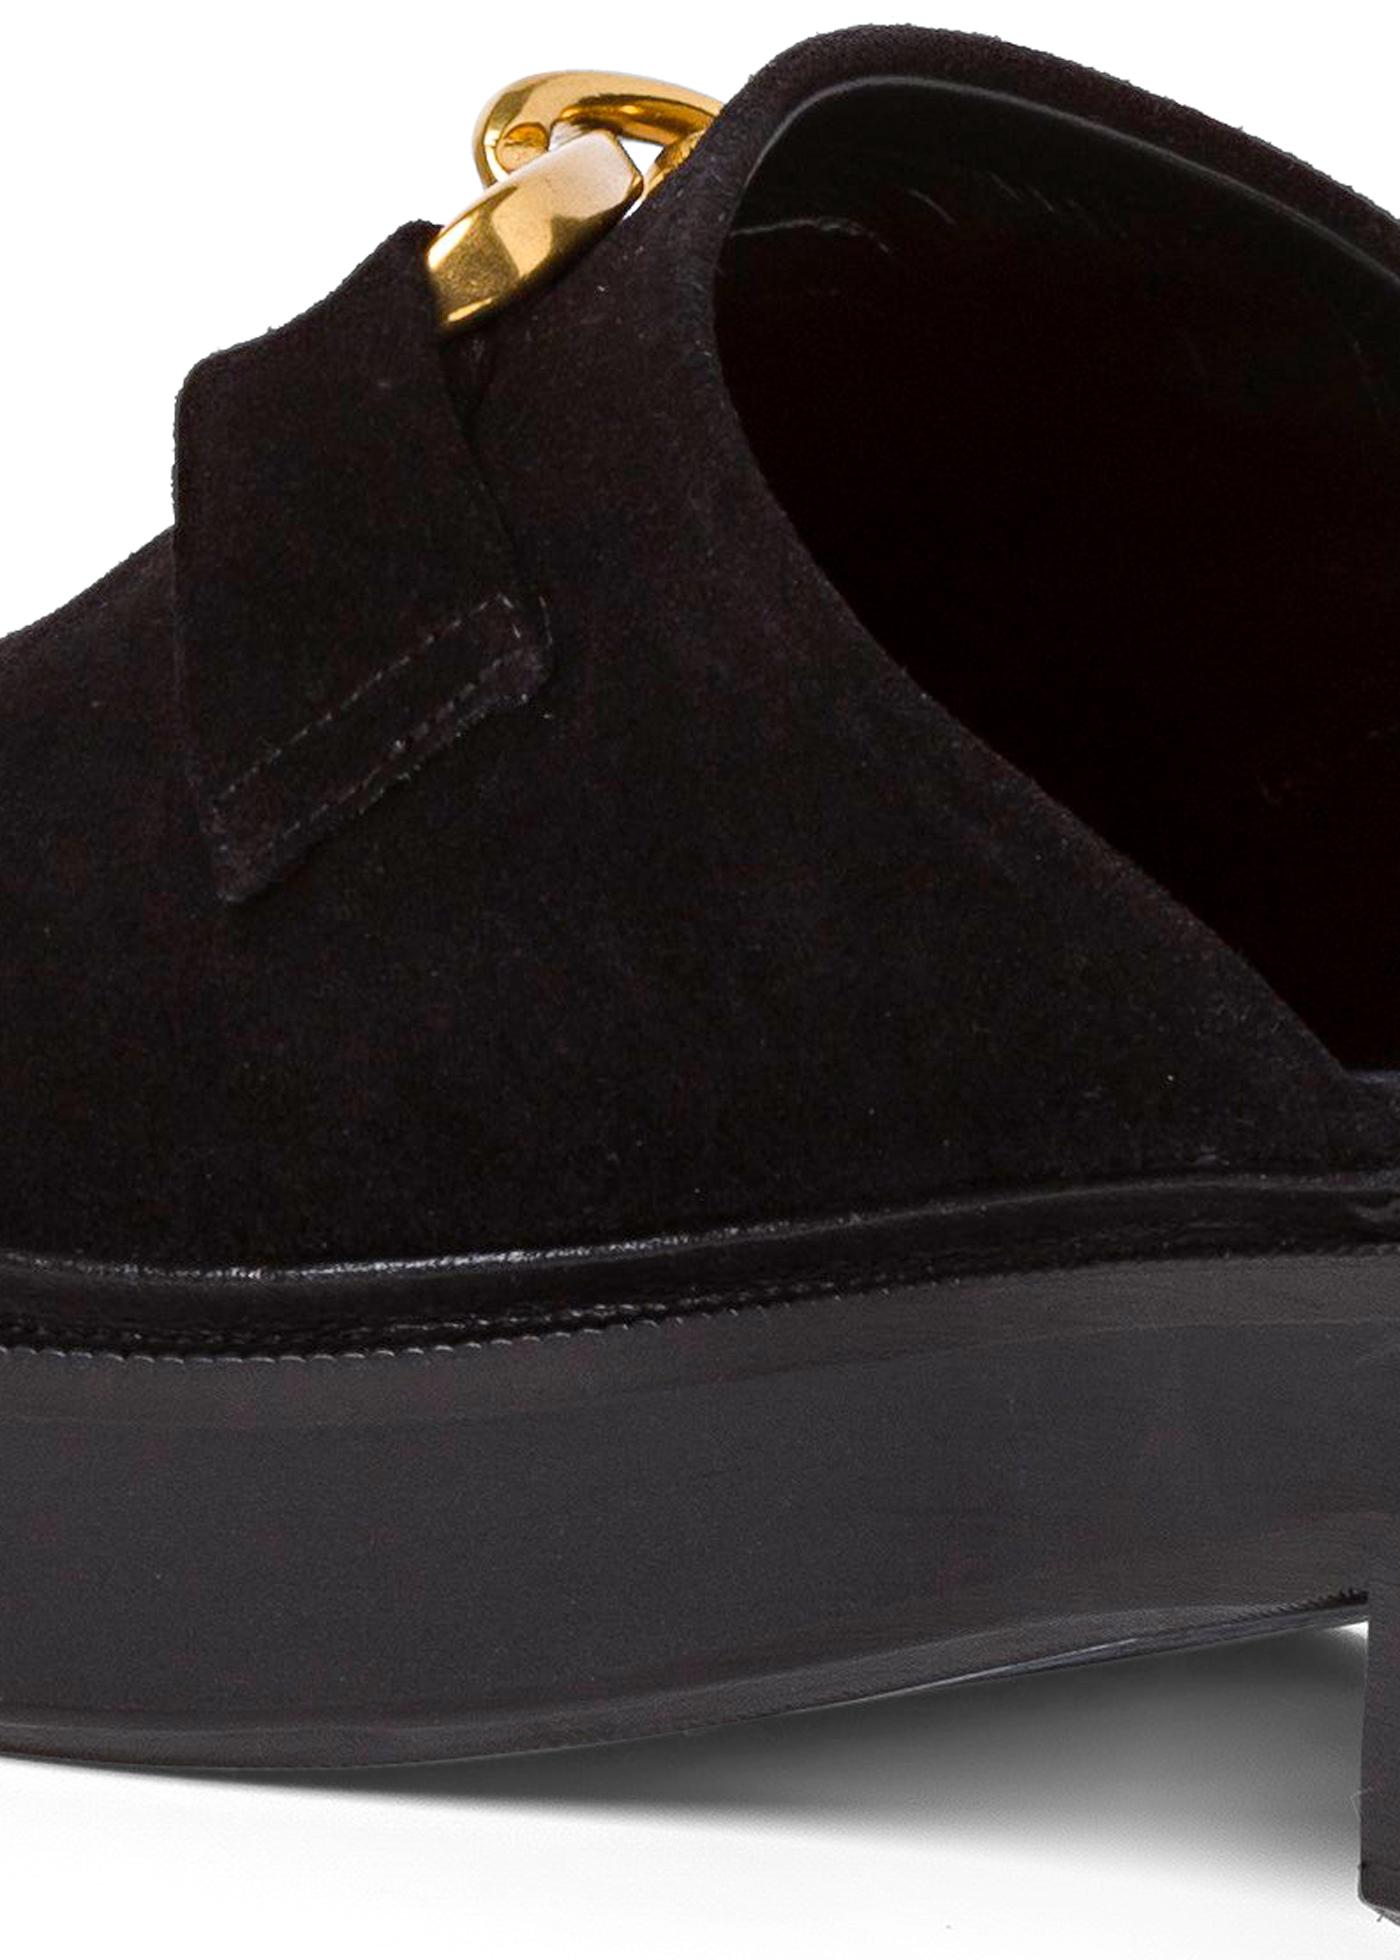 Walker Black Suede Leather image number 3